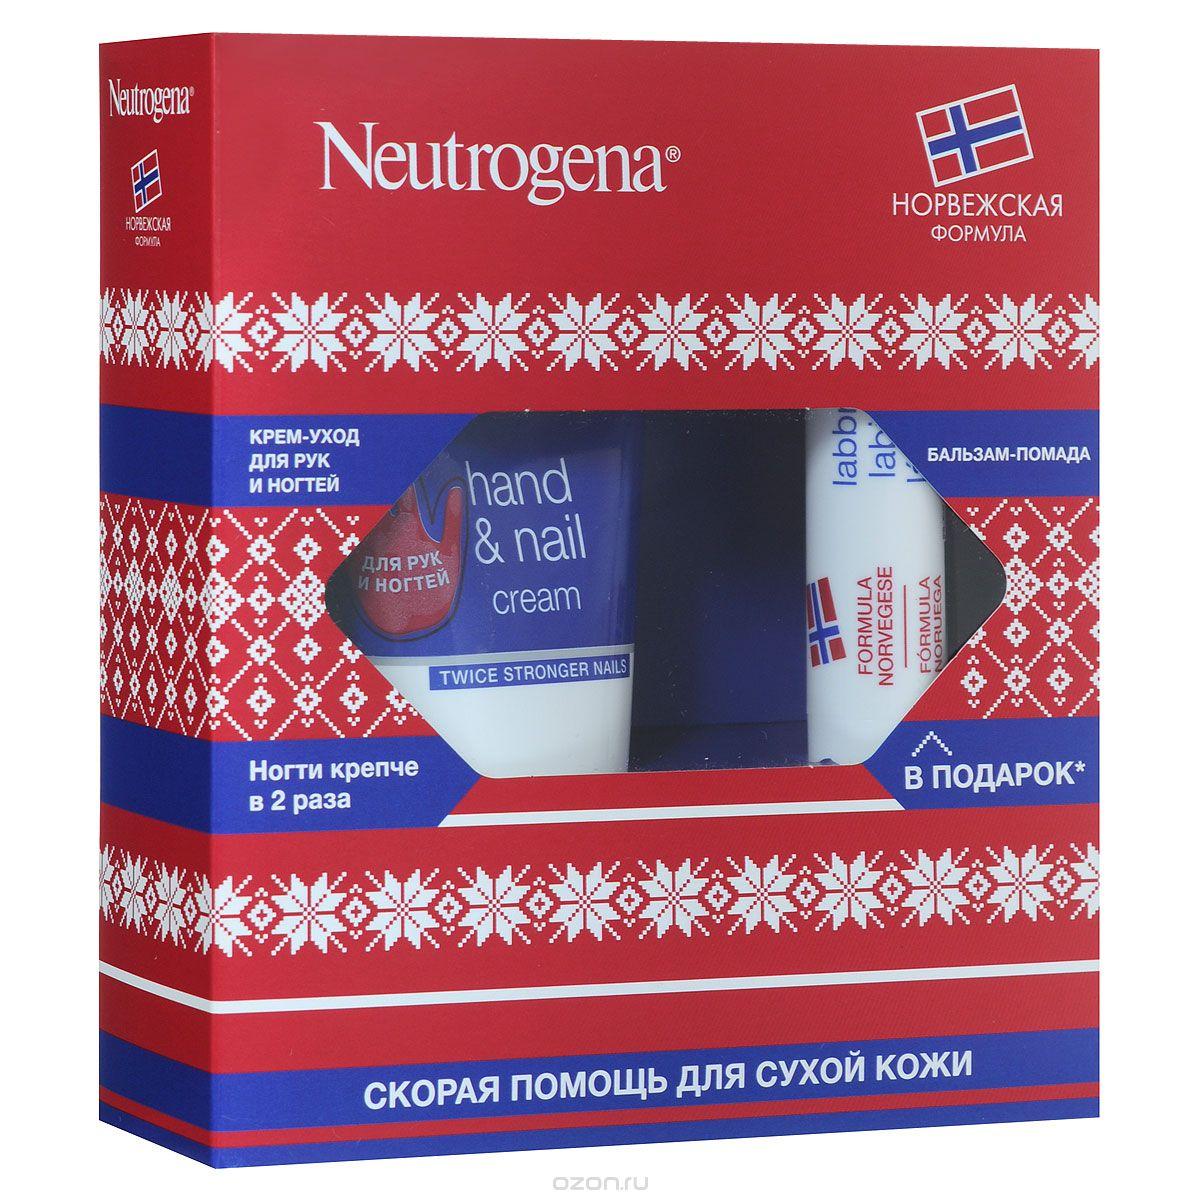 Набор Neutrogena НОРВЕЖСКАЯ ФОРМУЛА крем-уход для рук и ногтей + бальзам-помада<br>